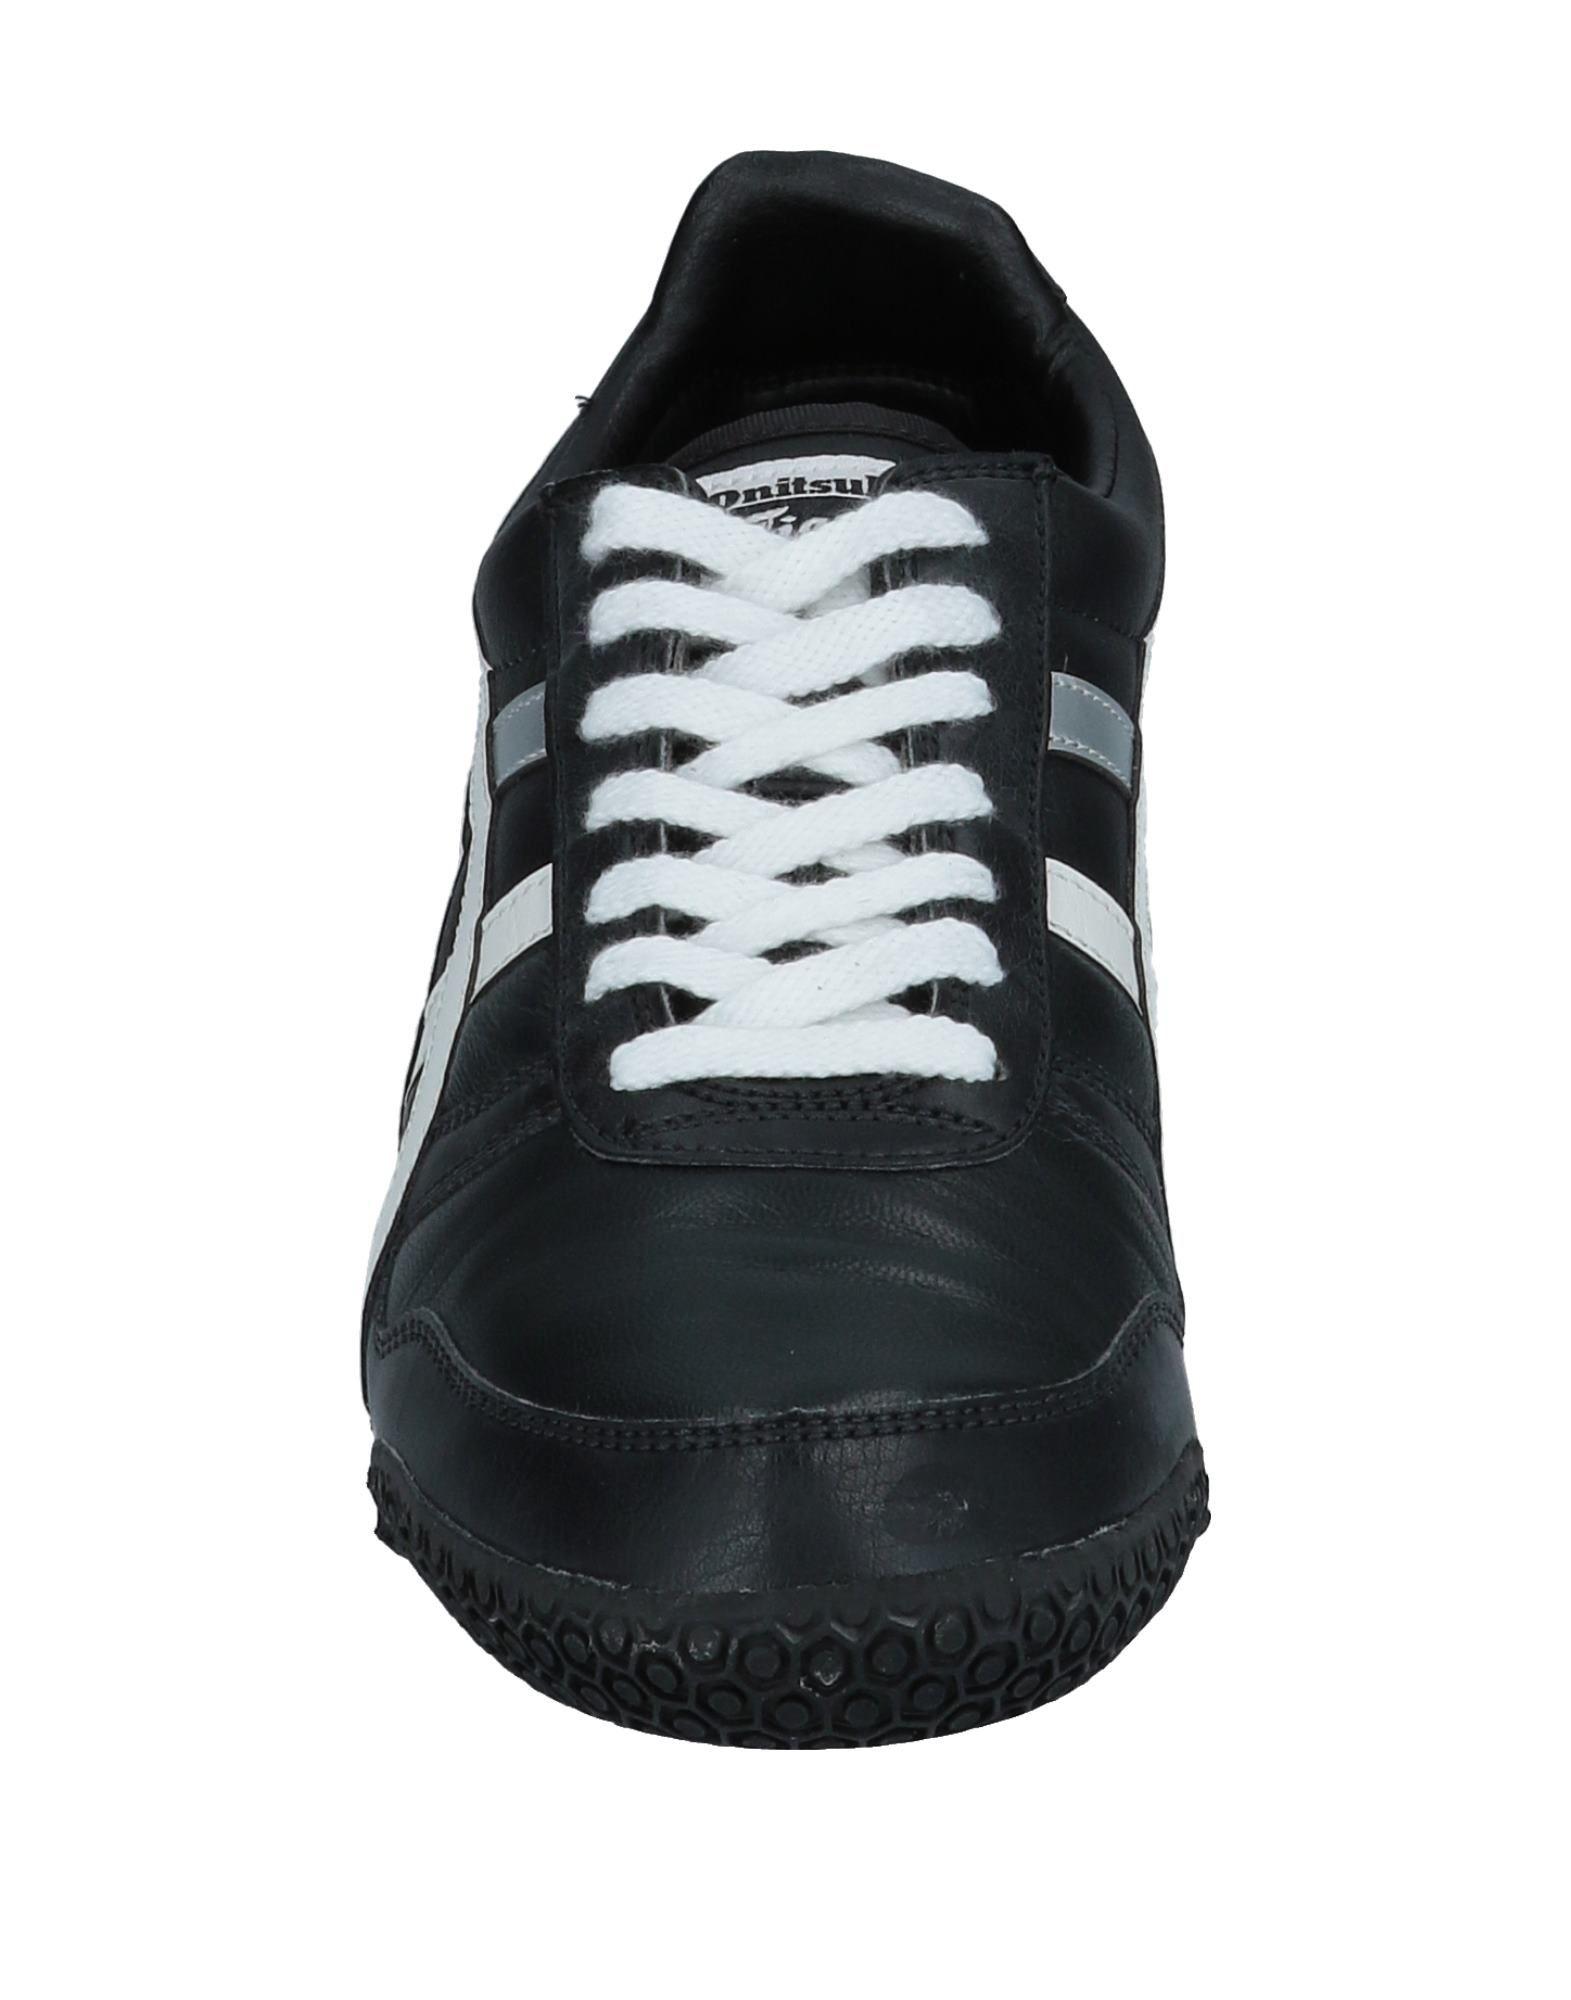 Rabatt Sneakers echte Schuhe Onitsuka Tiger Sneakers Rabatt Herren  11549514FX 327afc